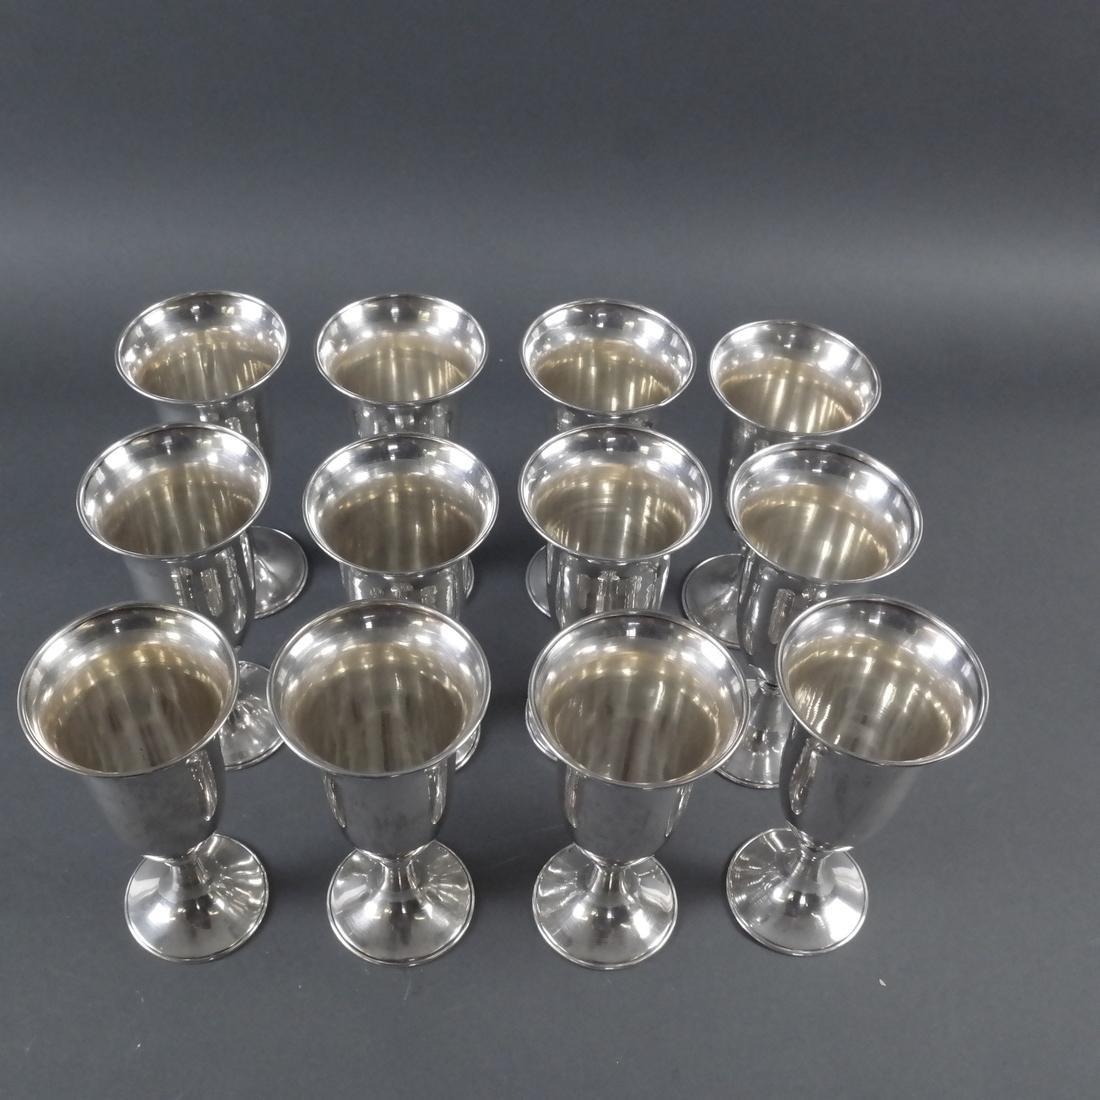 Set Twelve .900 Standard Silver Goblets - 5